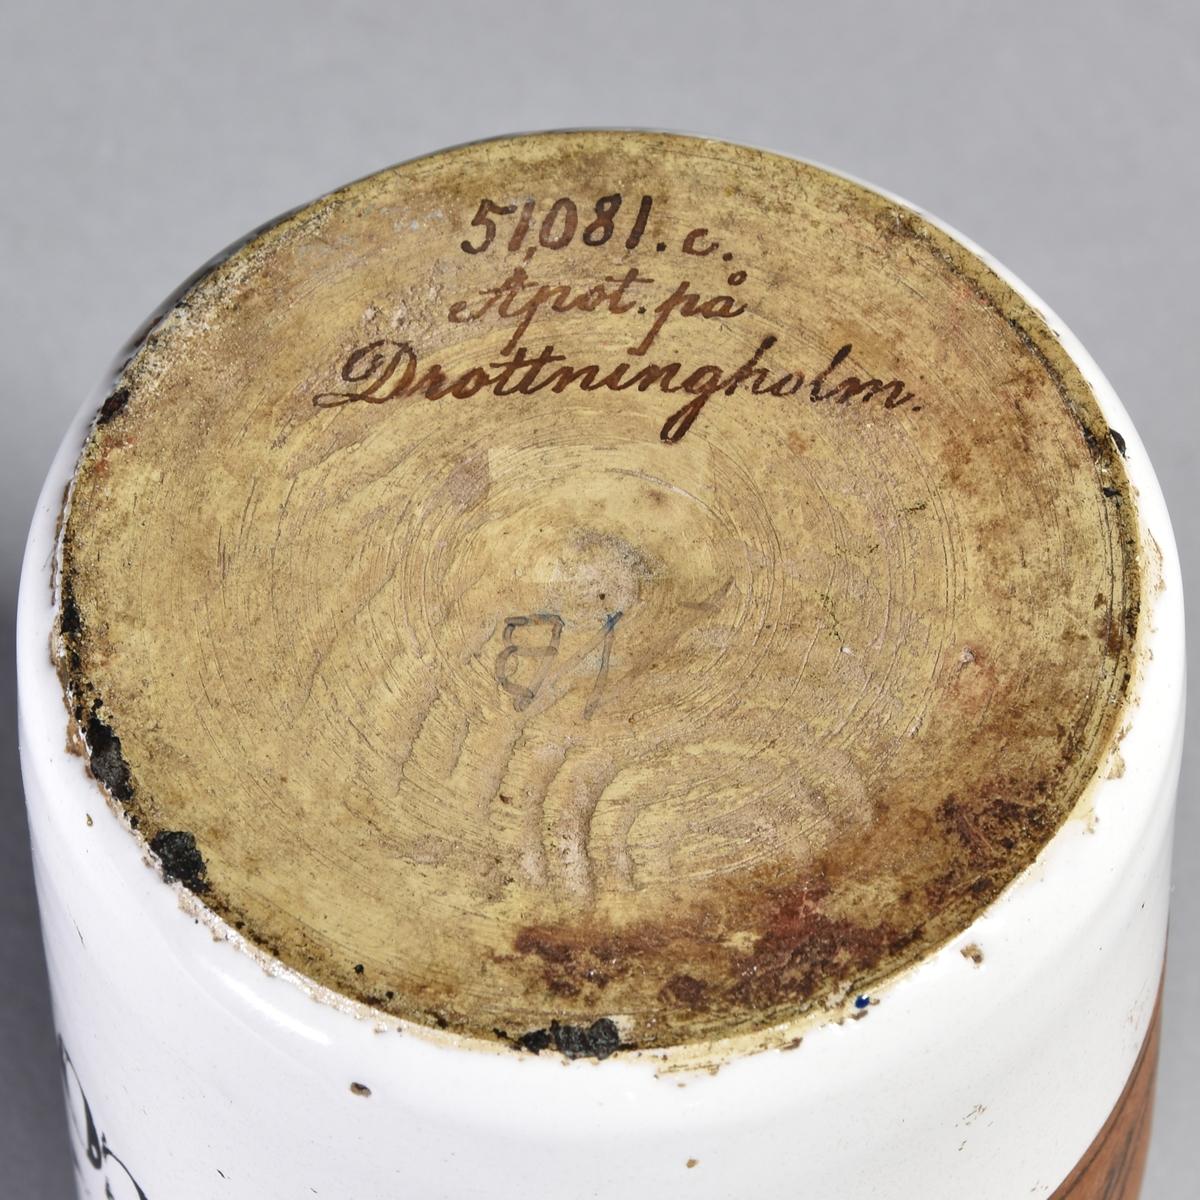 Apoteksburk av vitglaserad fajans, cylindrisk, med välvt lock med rund knopp. Sekundär etikett på baksidan.